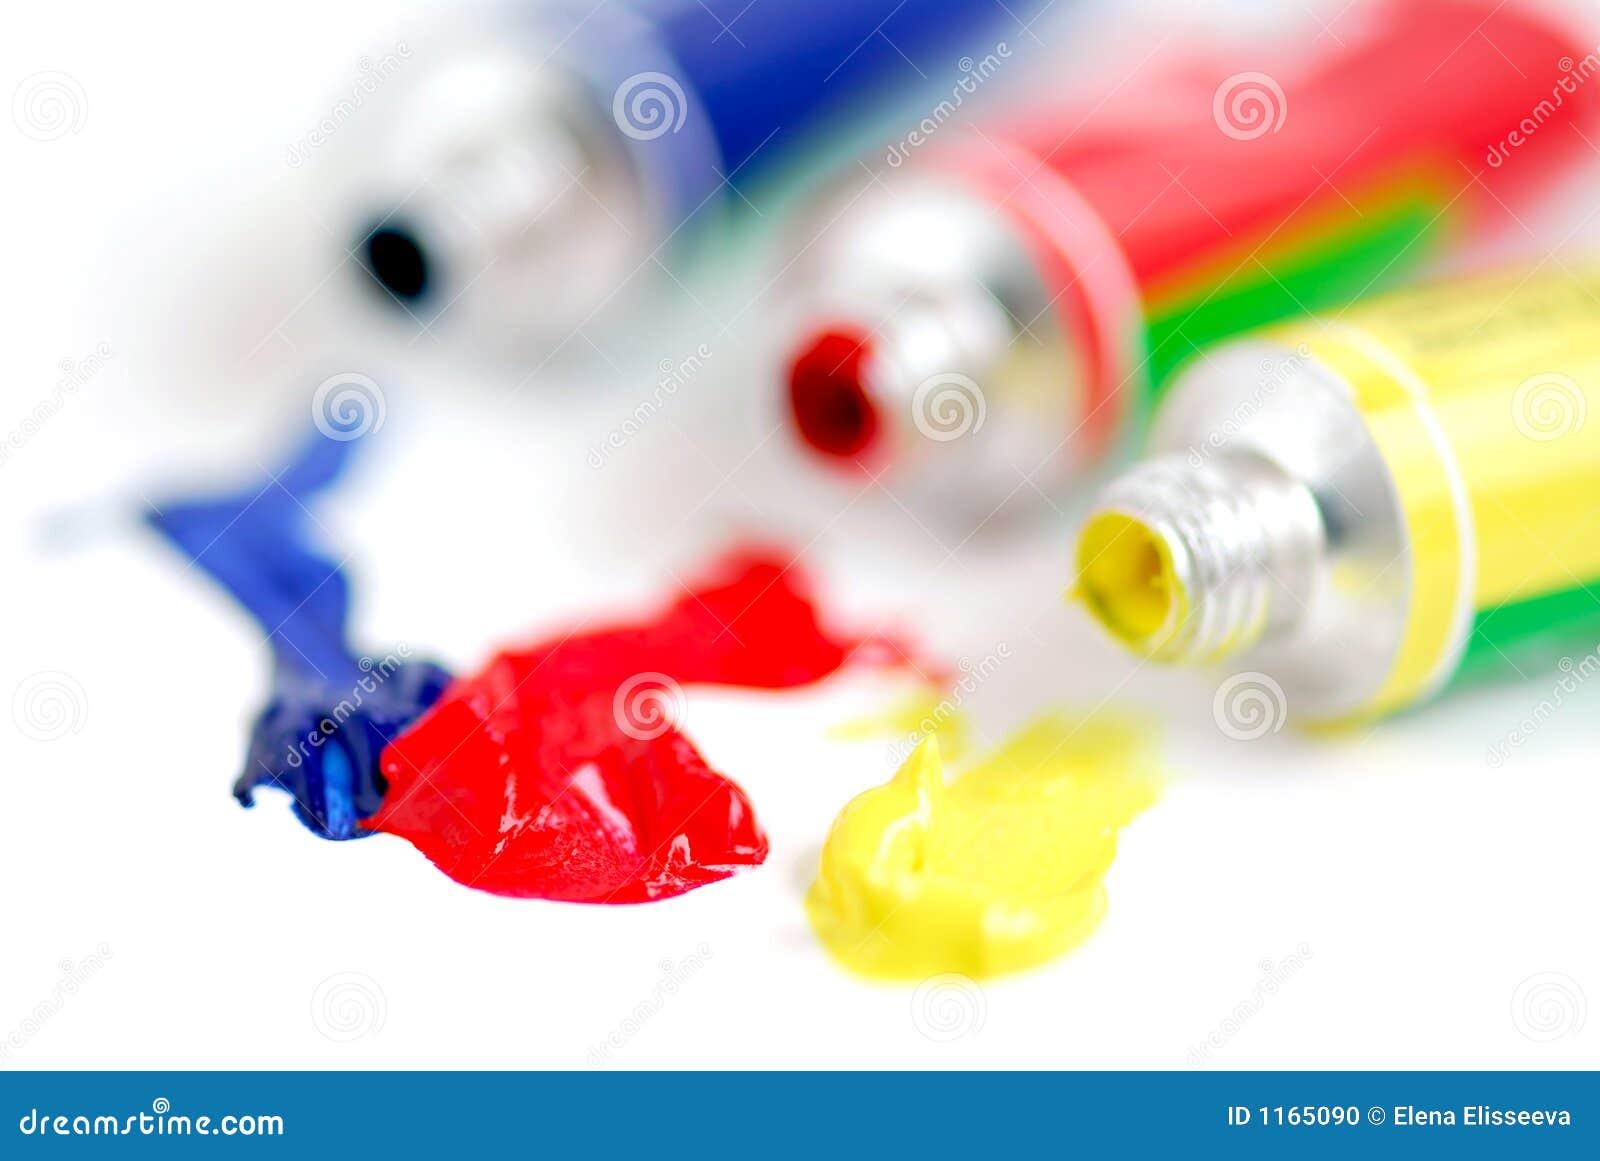 Pintura de los colores primarios foto de archivo imagen for Los colores de pintura